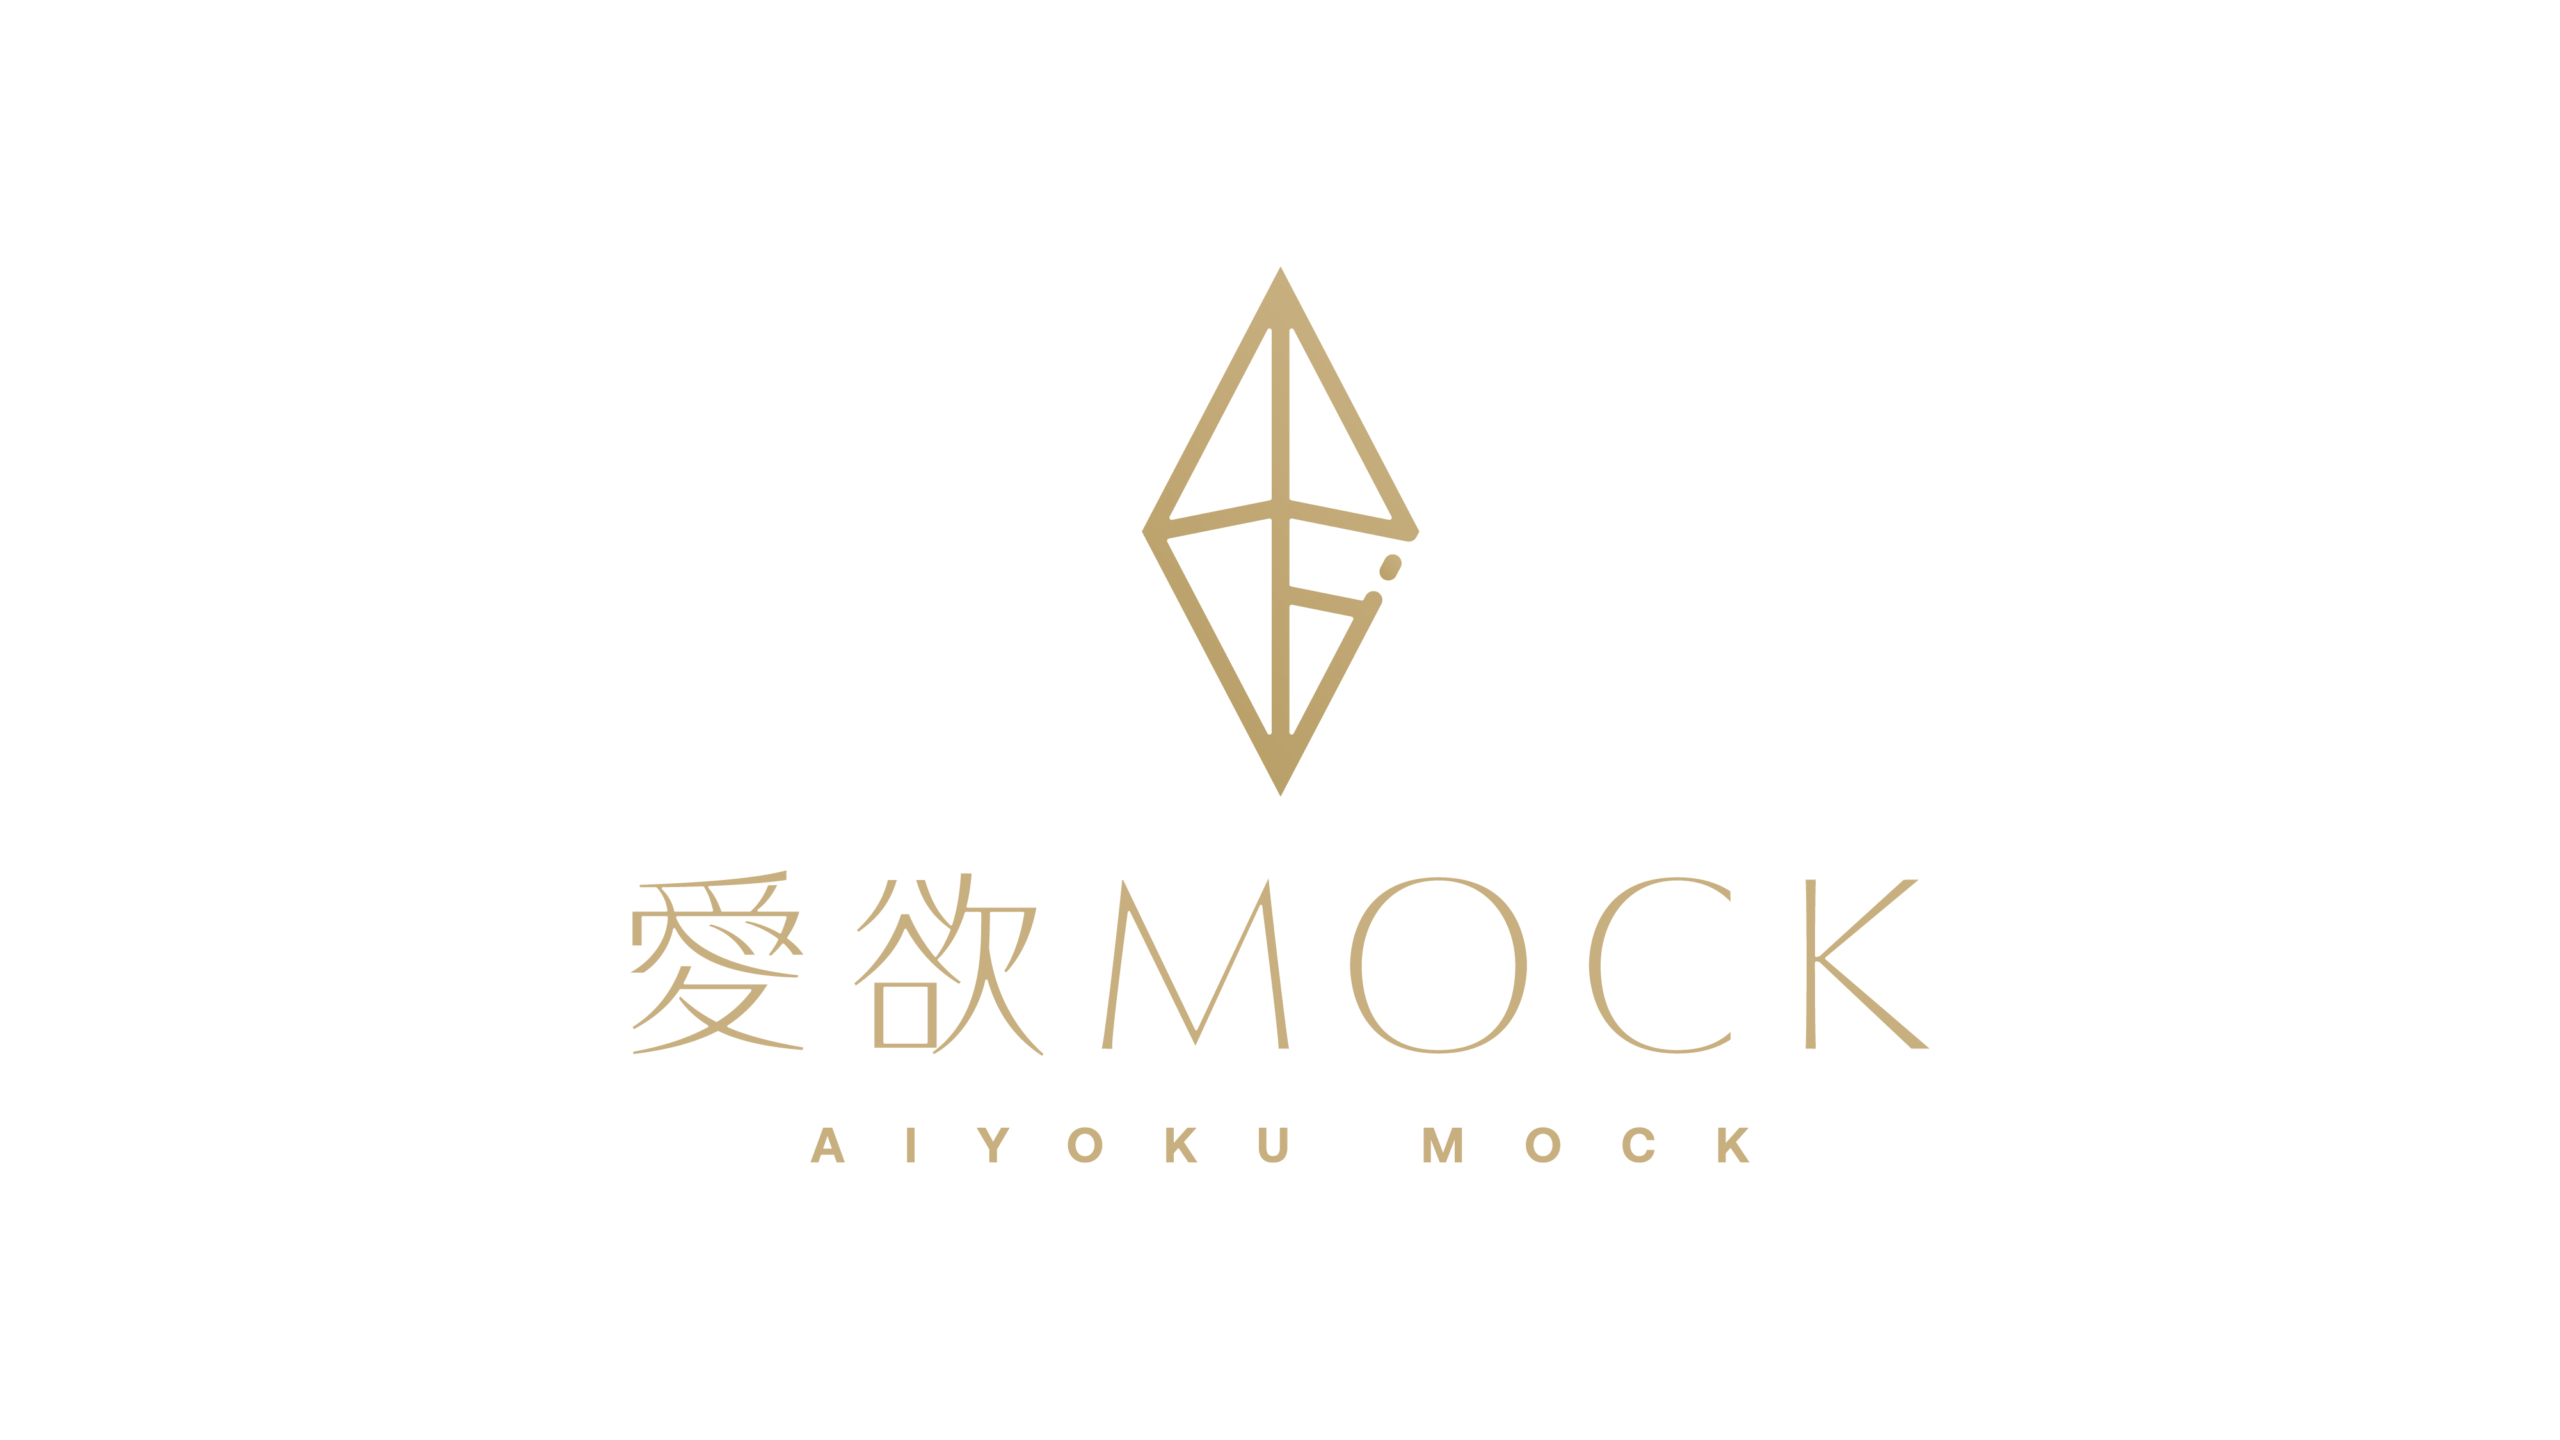 愛欲MOCK ロゴデザイン